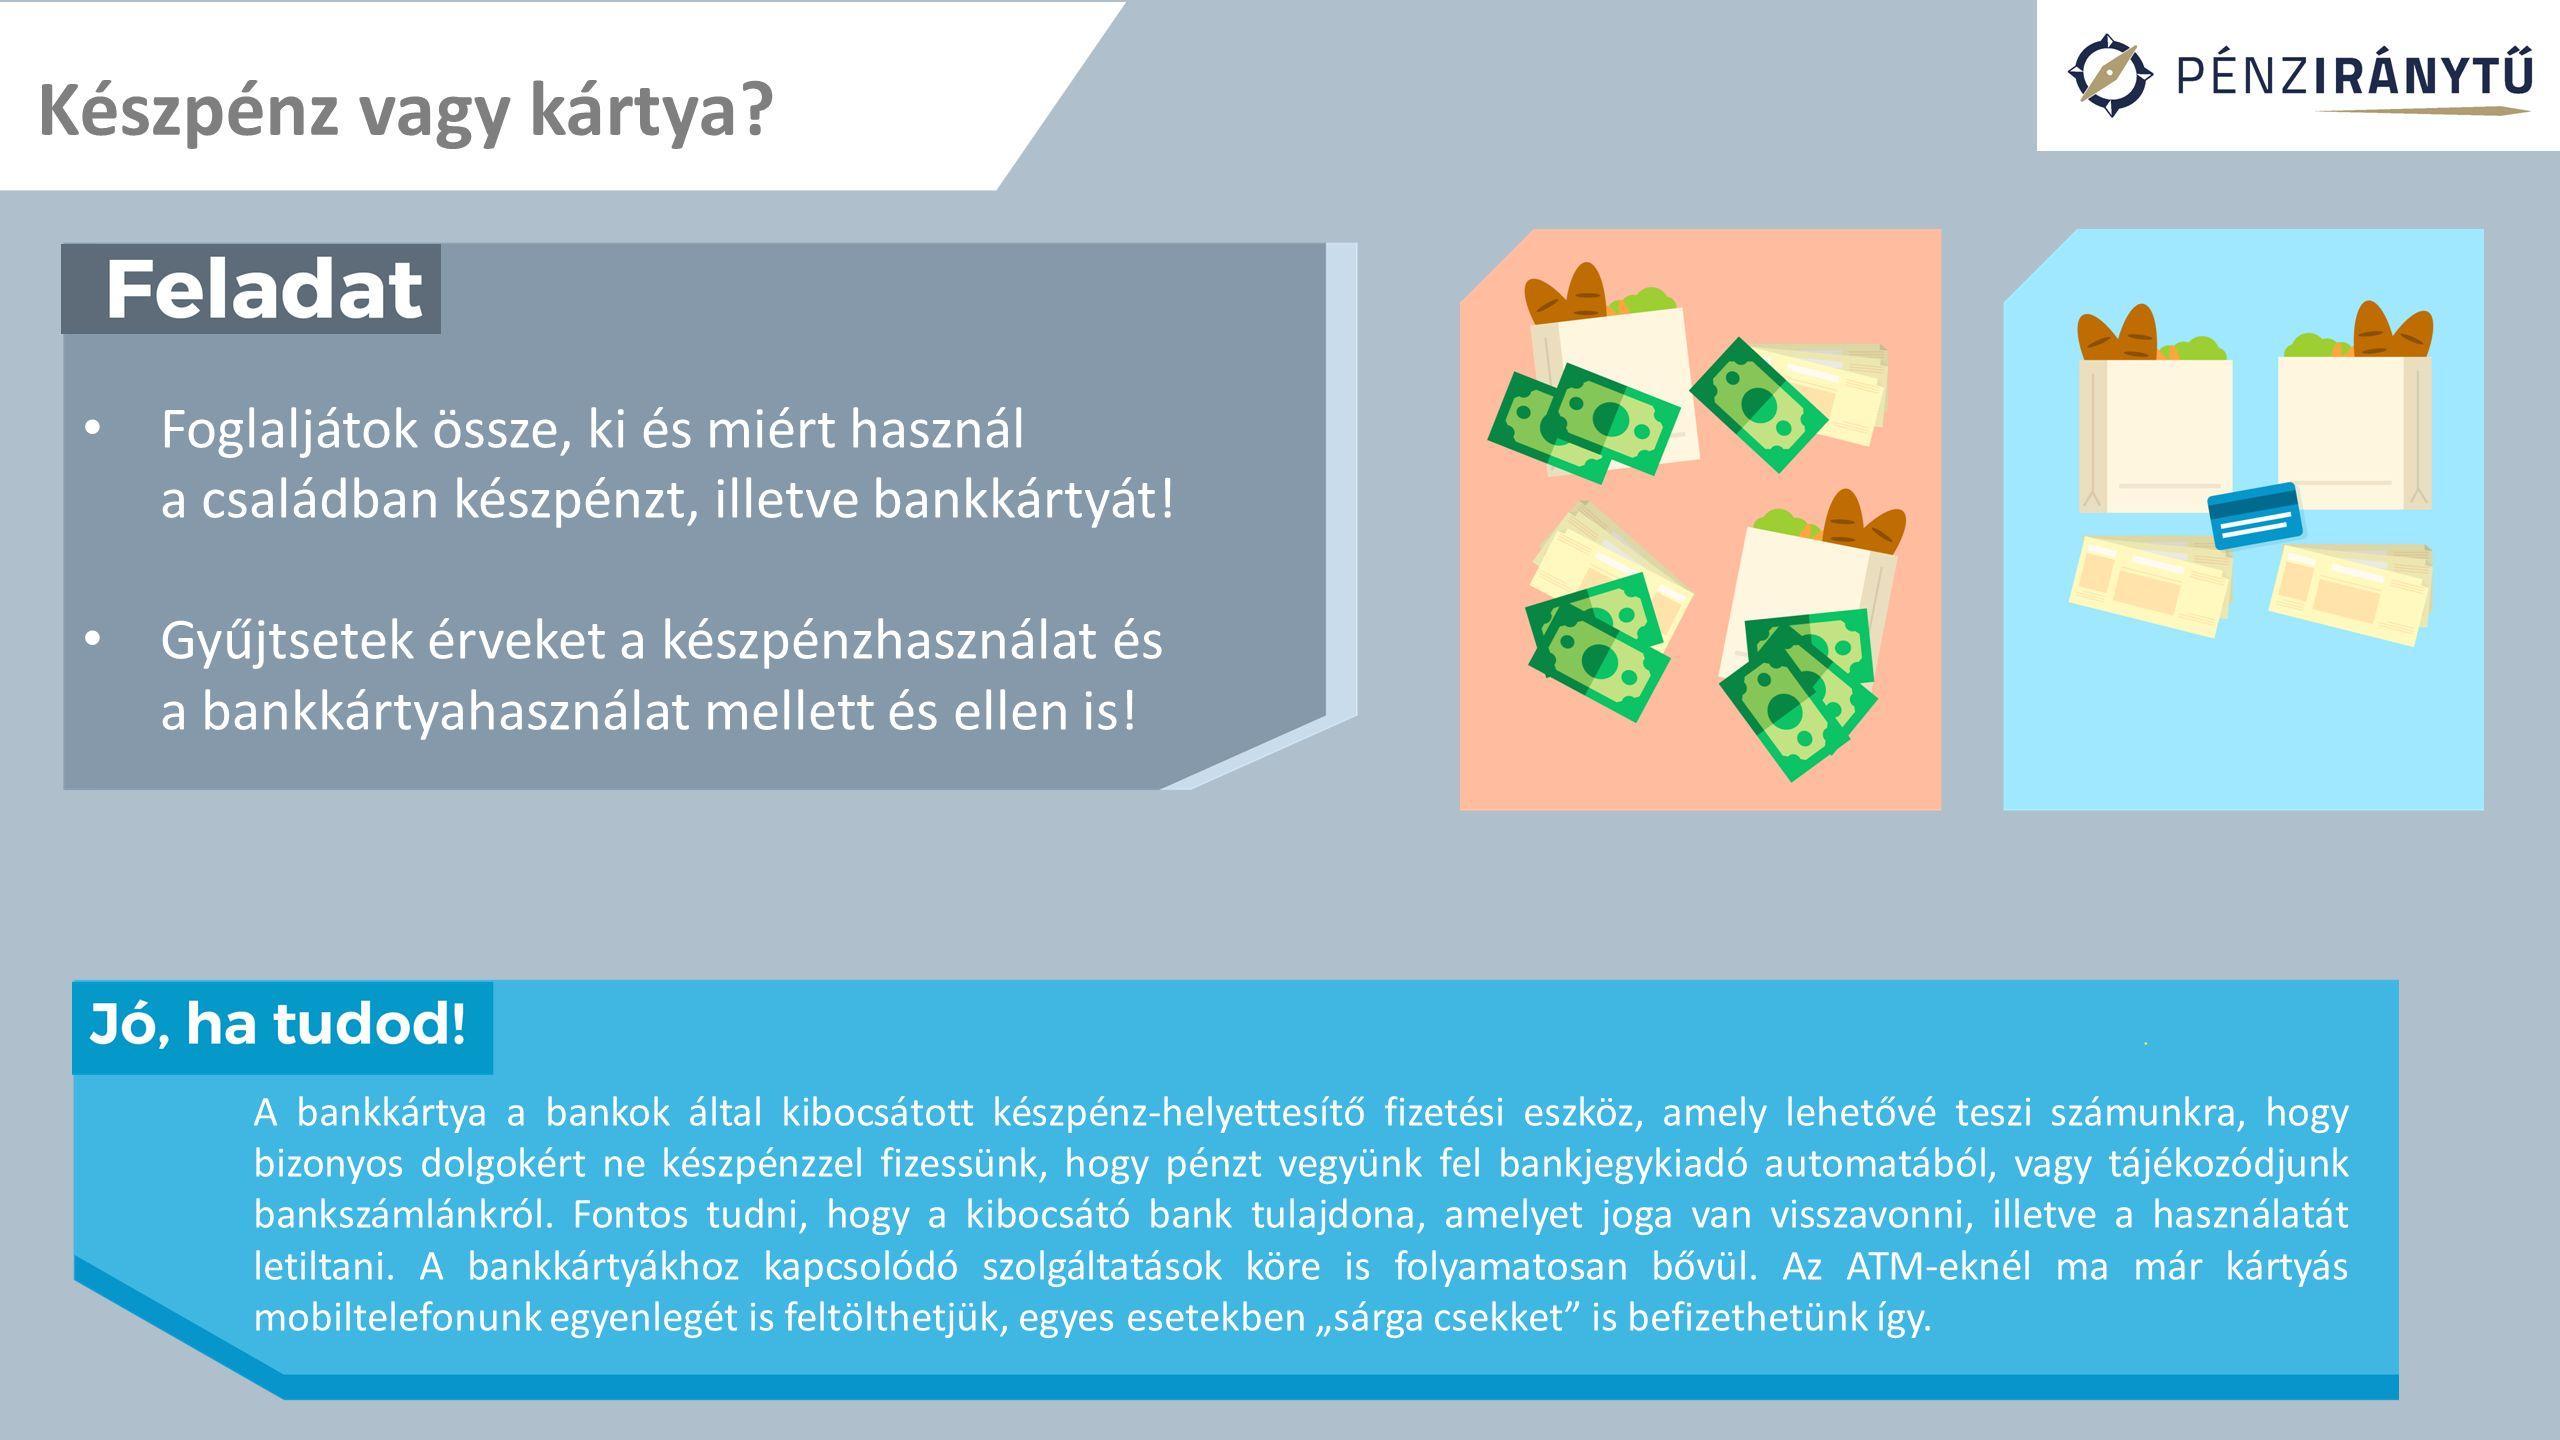 Készpénz vagy kártya Foglaljátok össze, ki és miért használ a családban készpénzt, illetve bankkártyát!